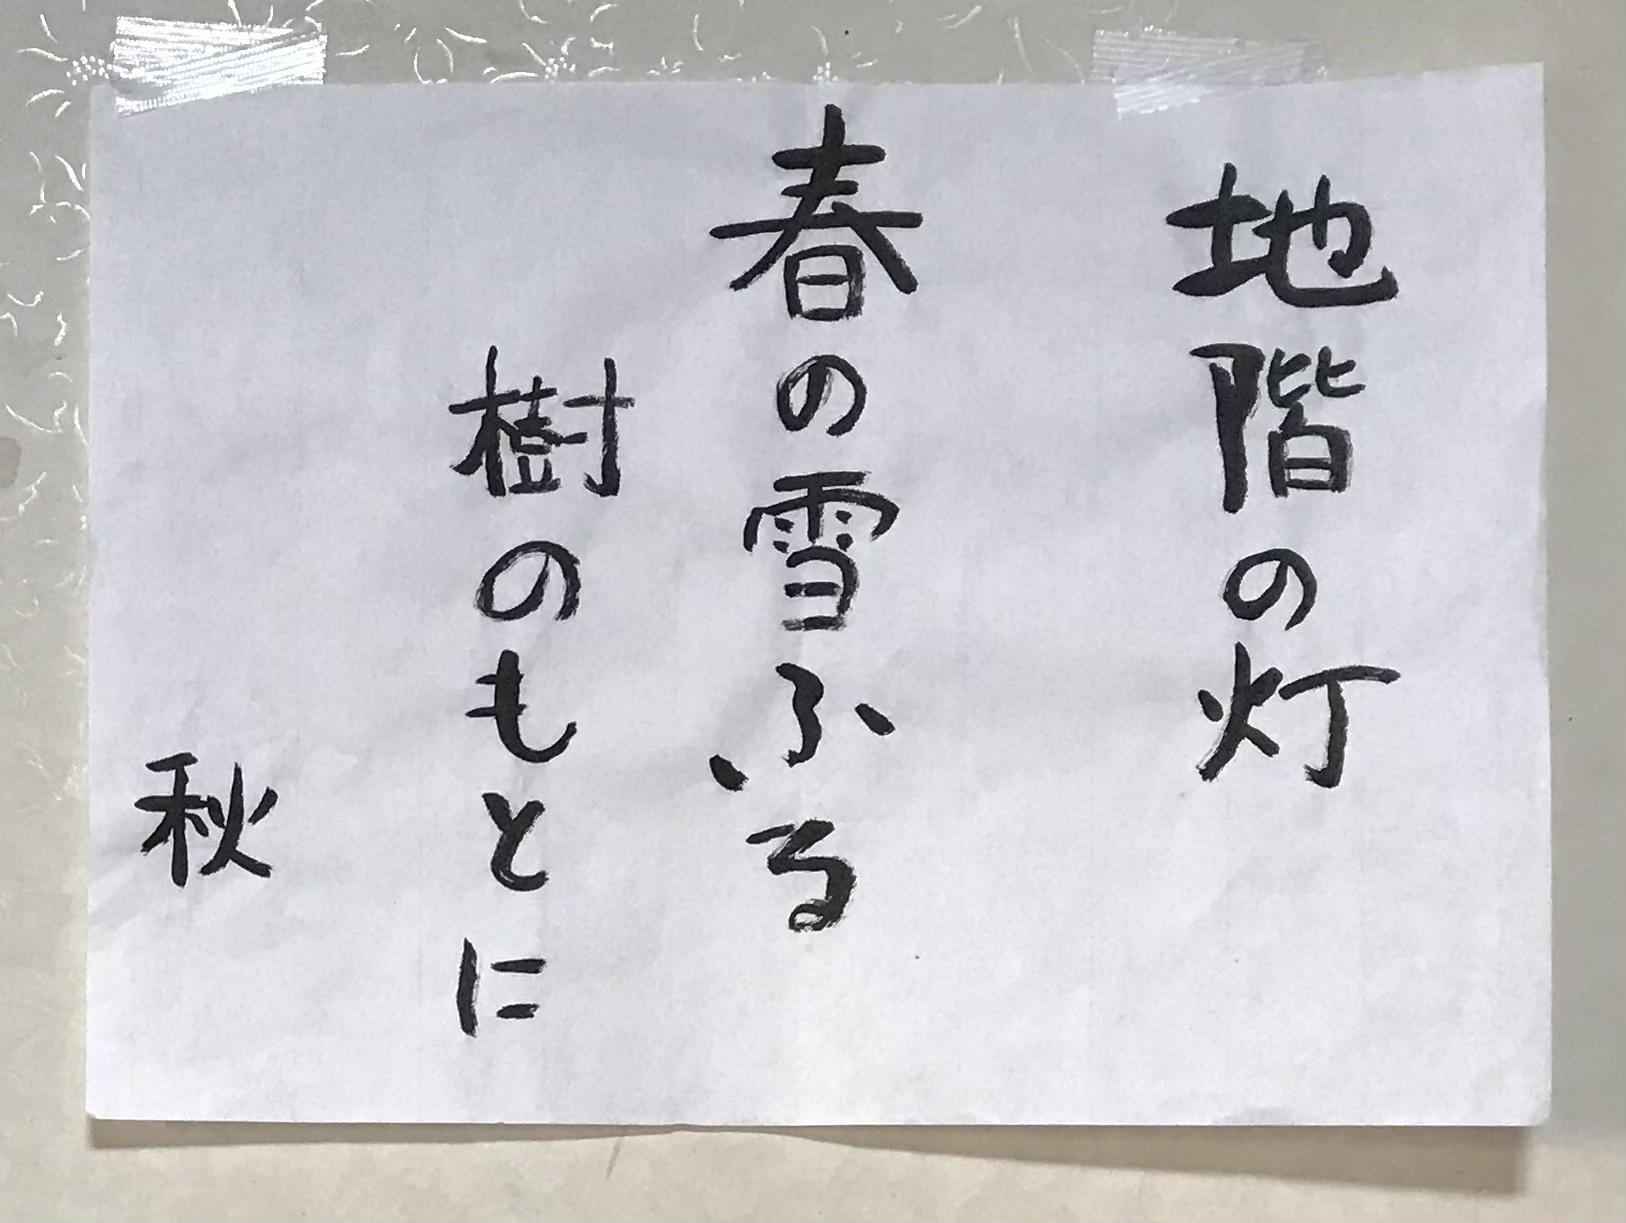 恵風会書道教室 好きな言葉を書きました。中学生_d0168831_17284263.jpeg